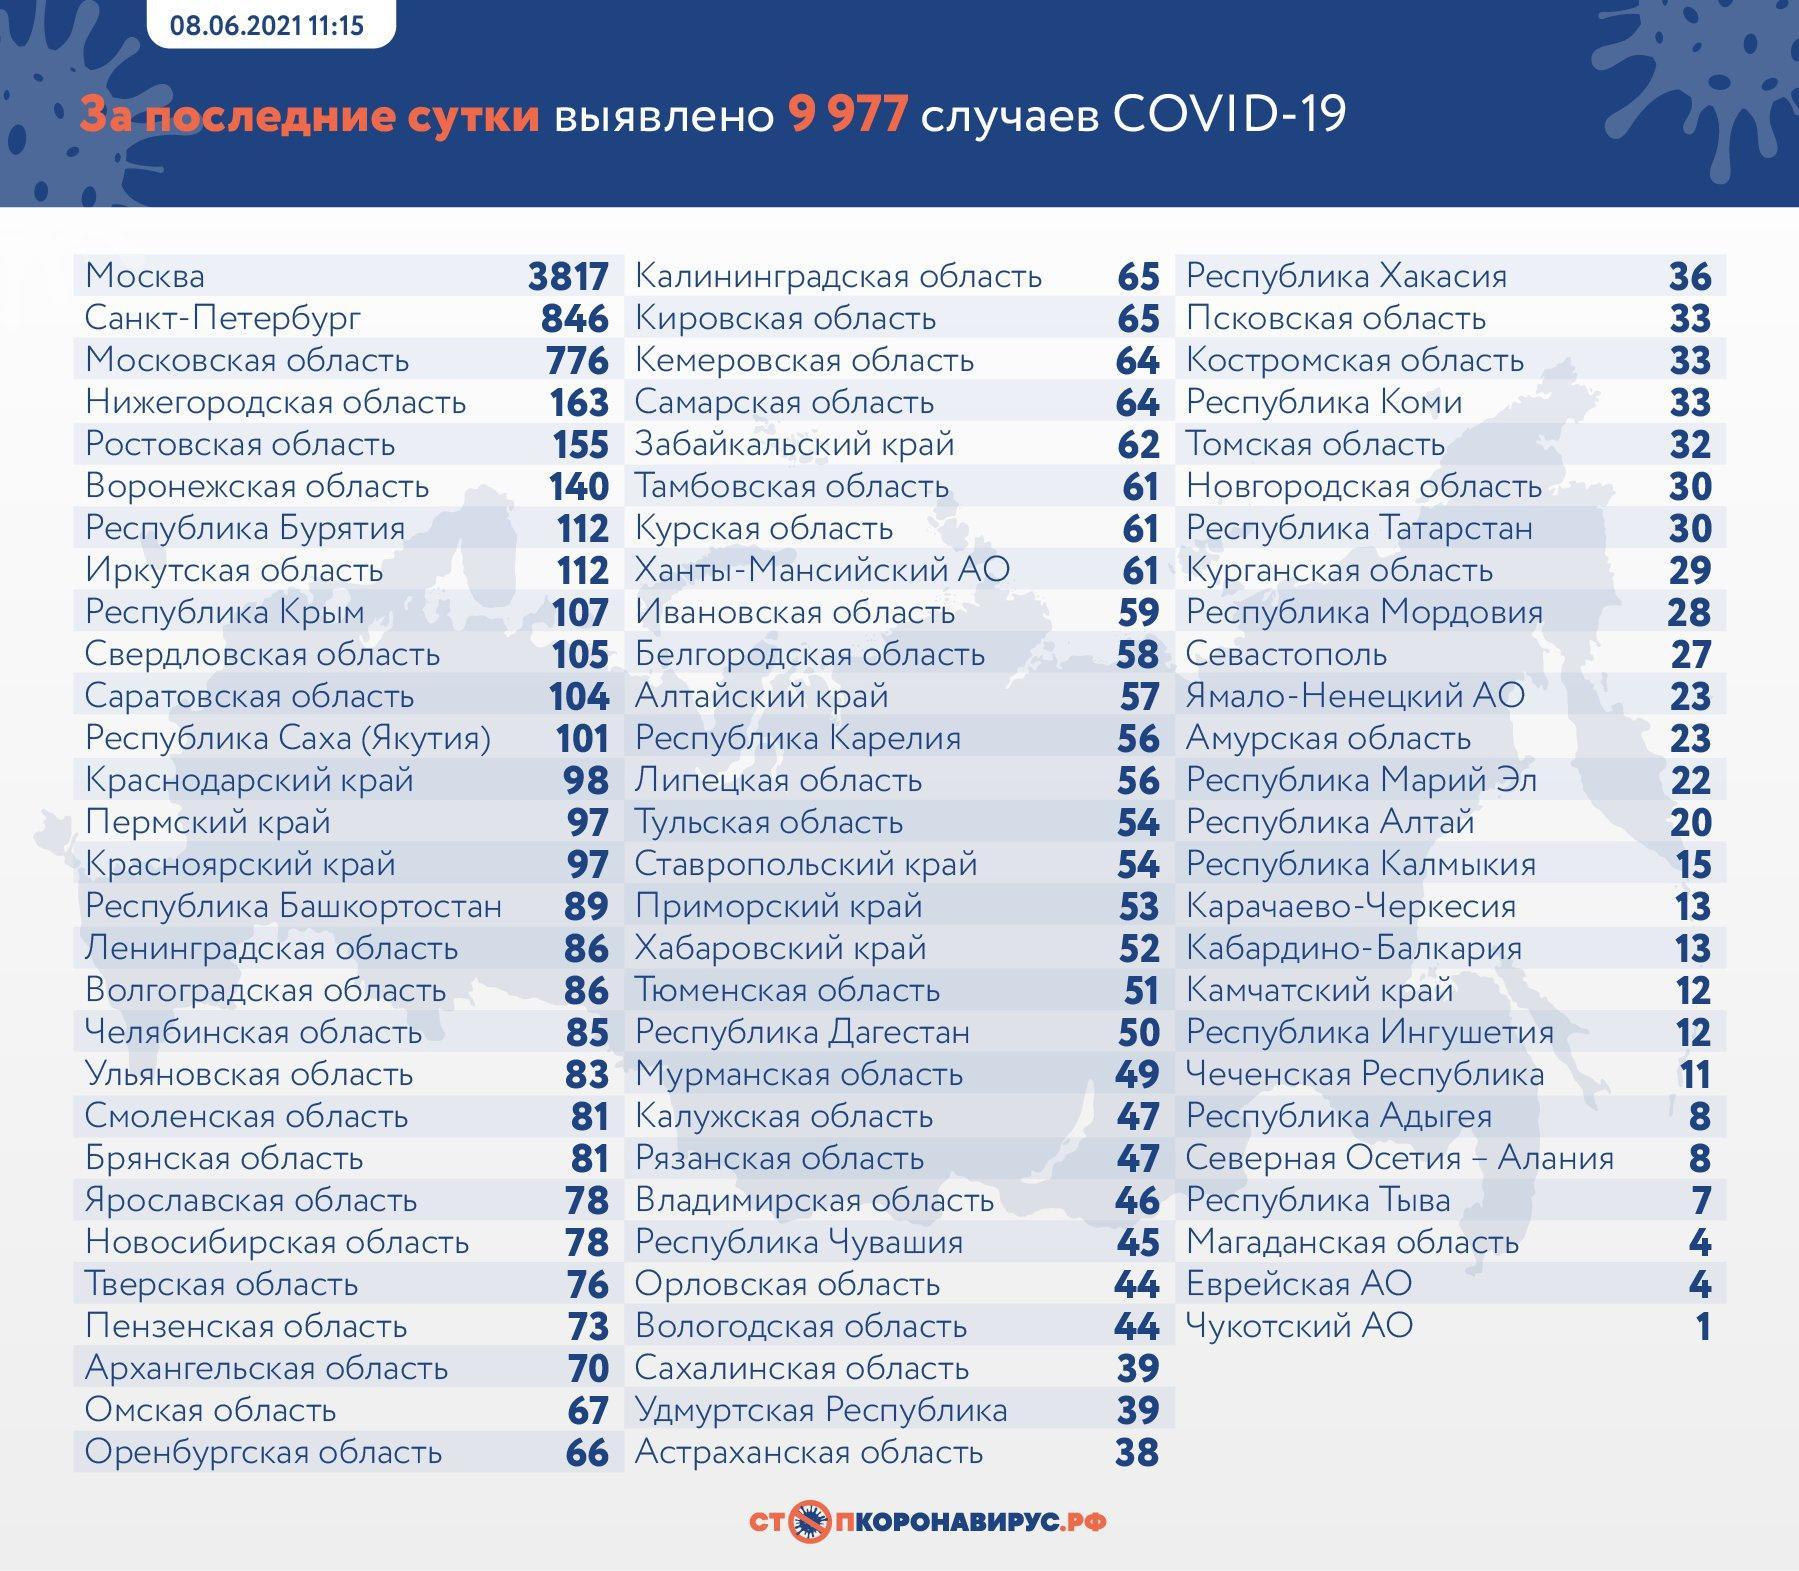 фото 9 977 случаев заражения коронавирусом выявили в России за сутки 2